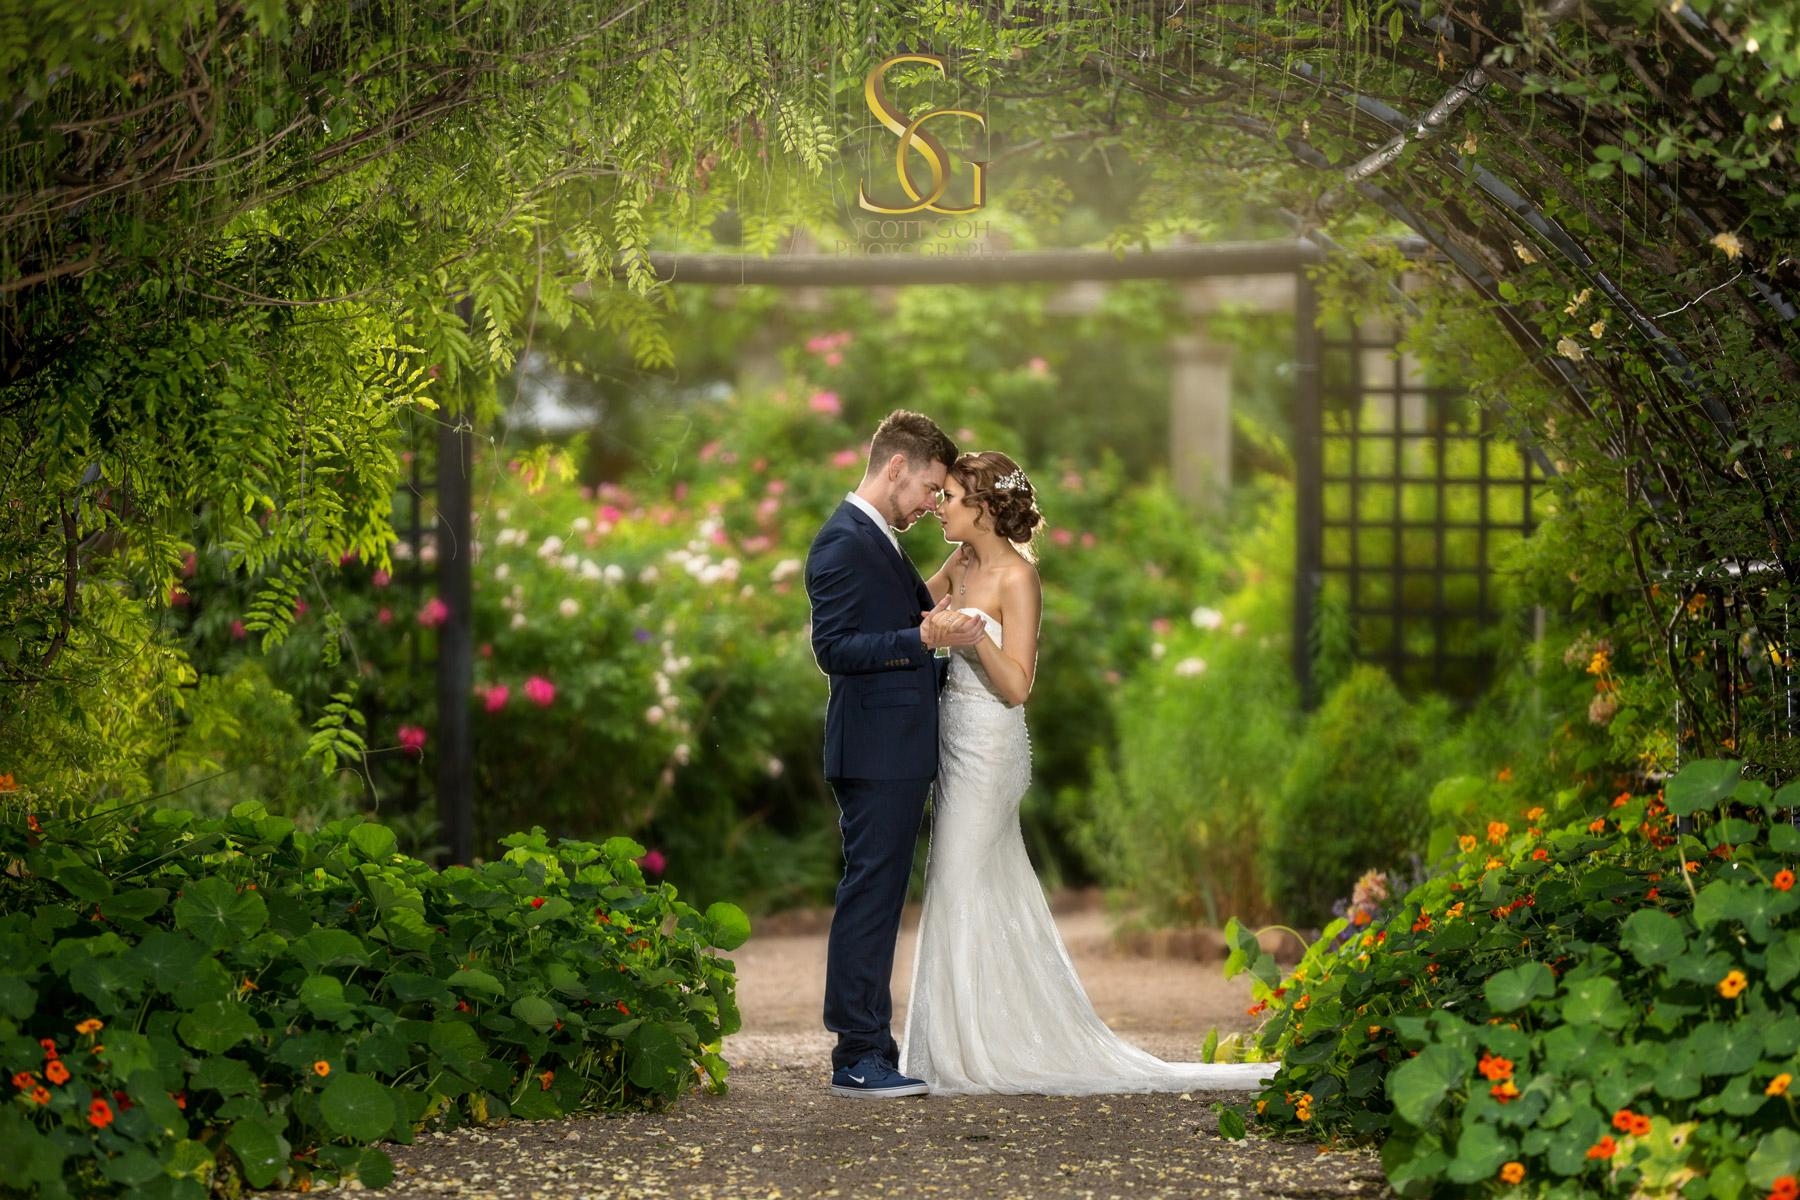 al-ru-alru-farm-wedding-photography-04.jpg